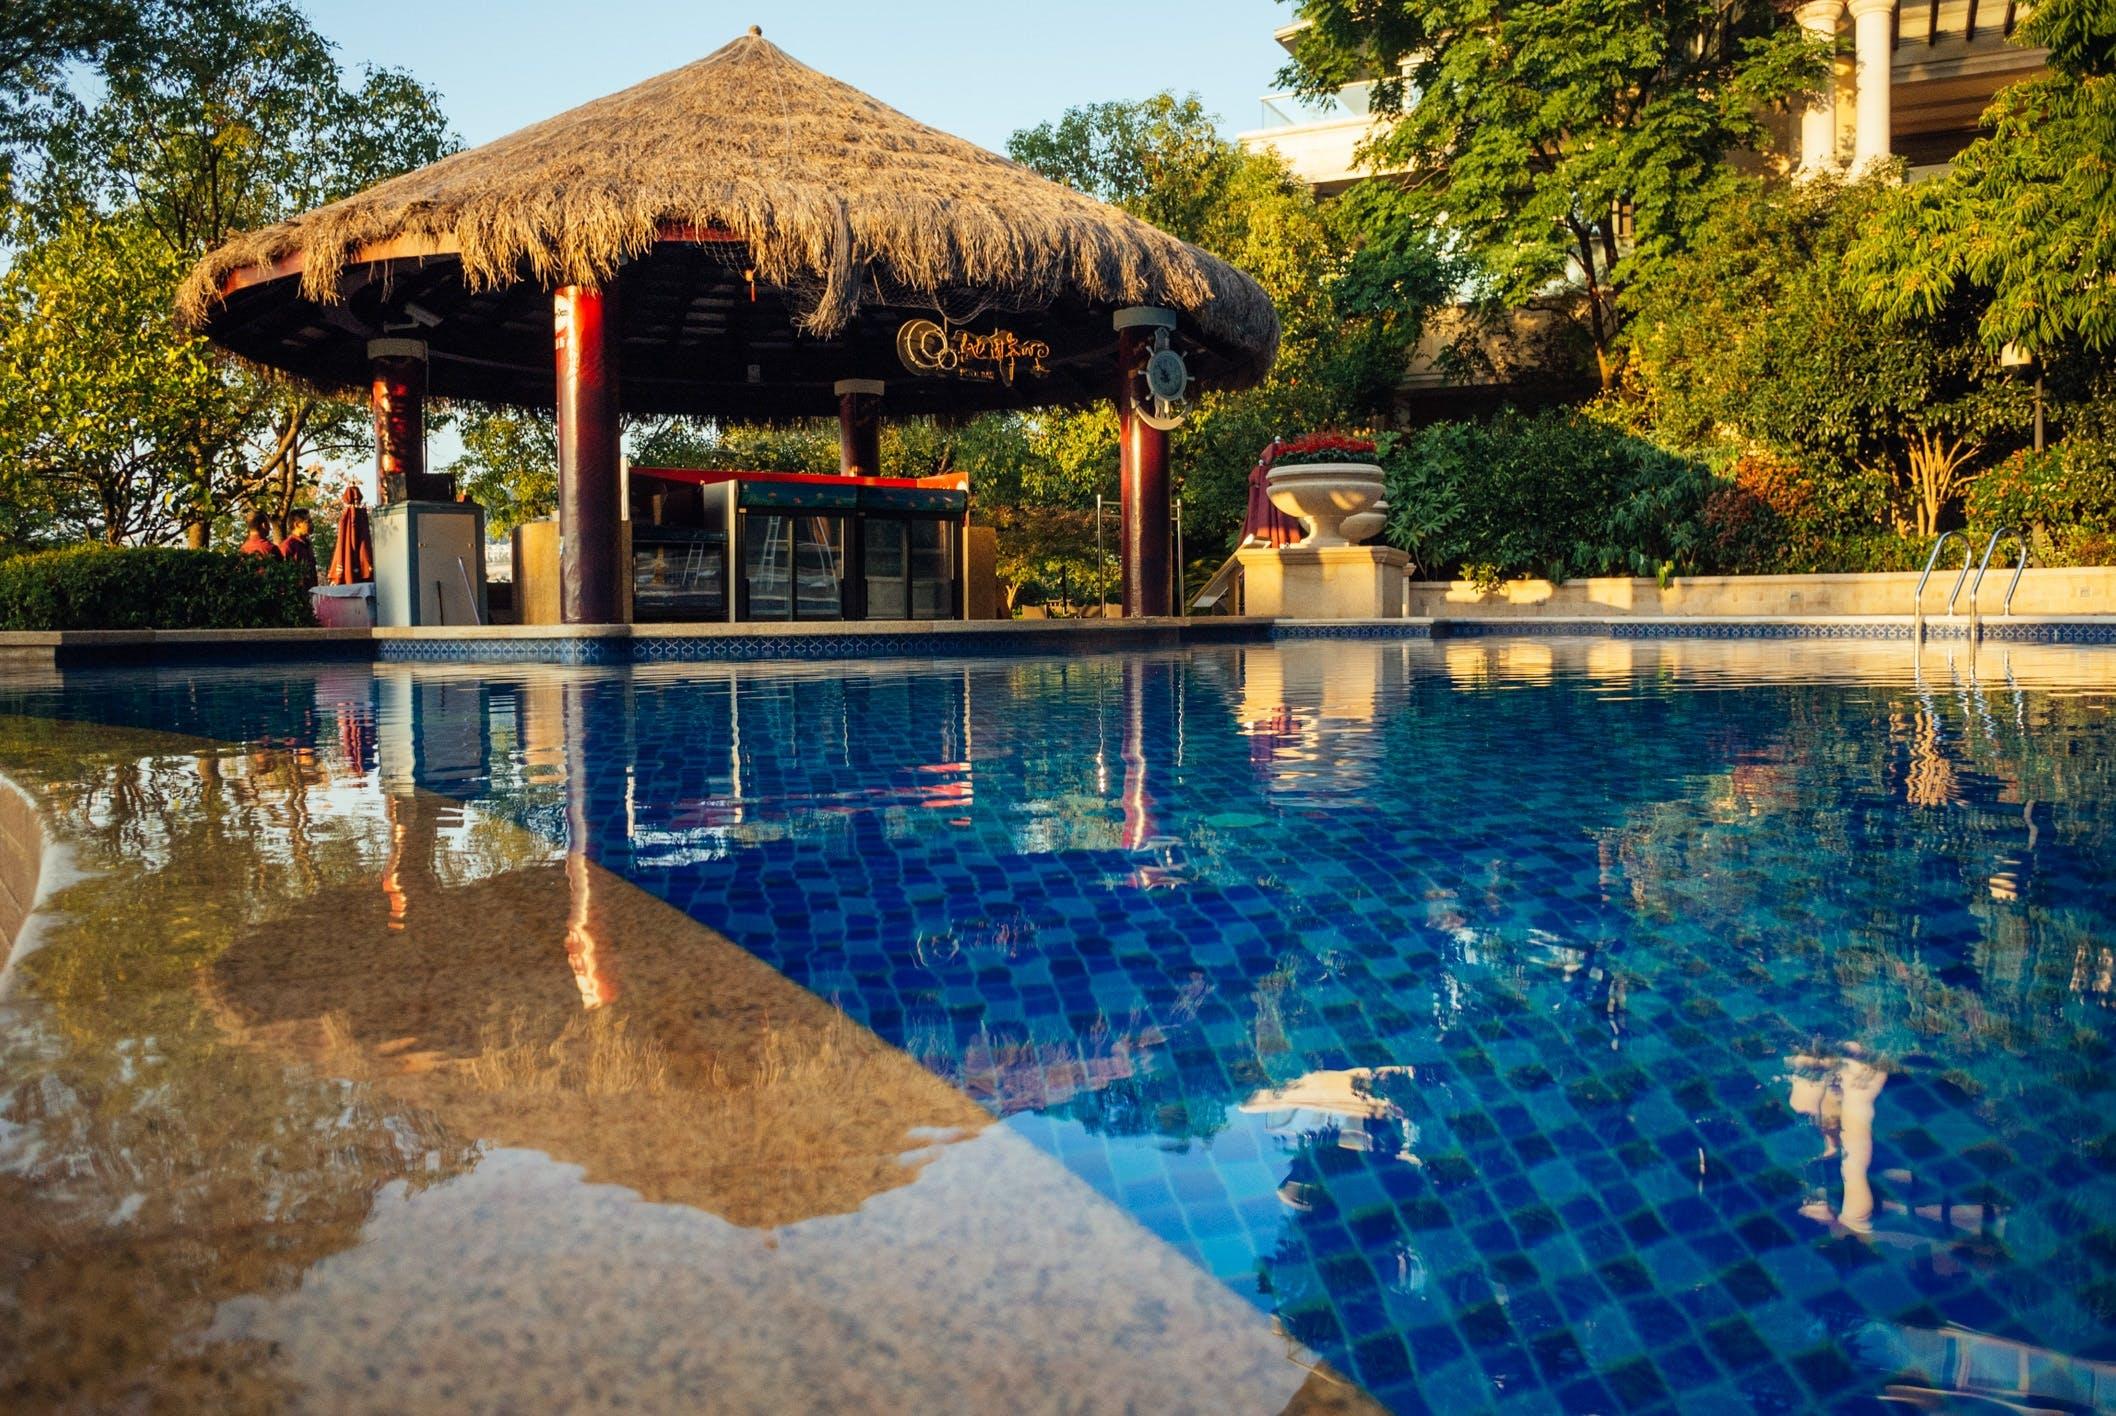 Kostnadsfri bild av arkitektur, bassängkant, hotell, simbassäng